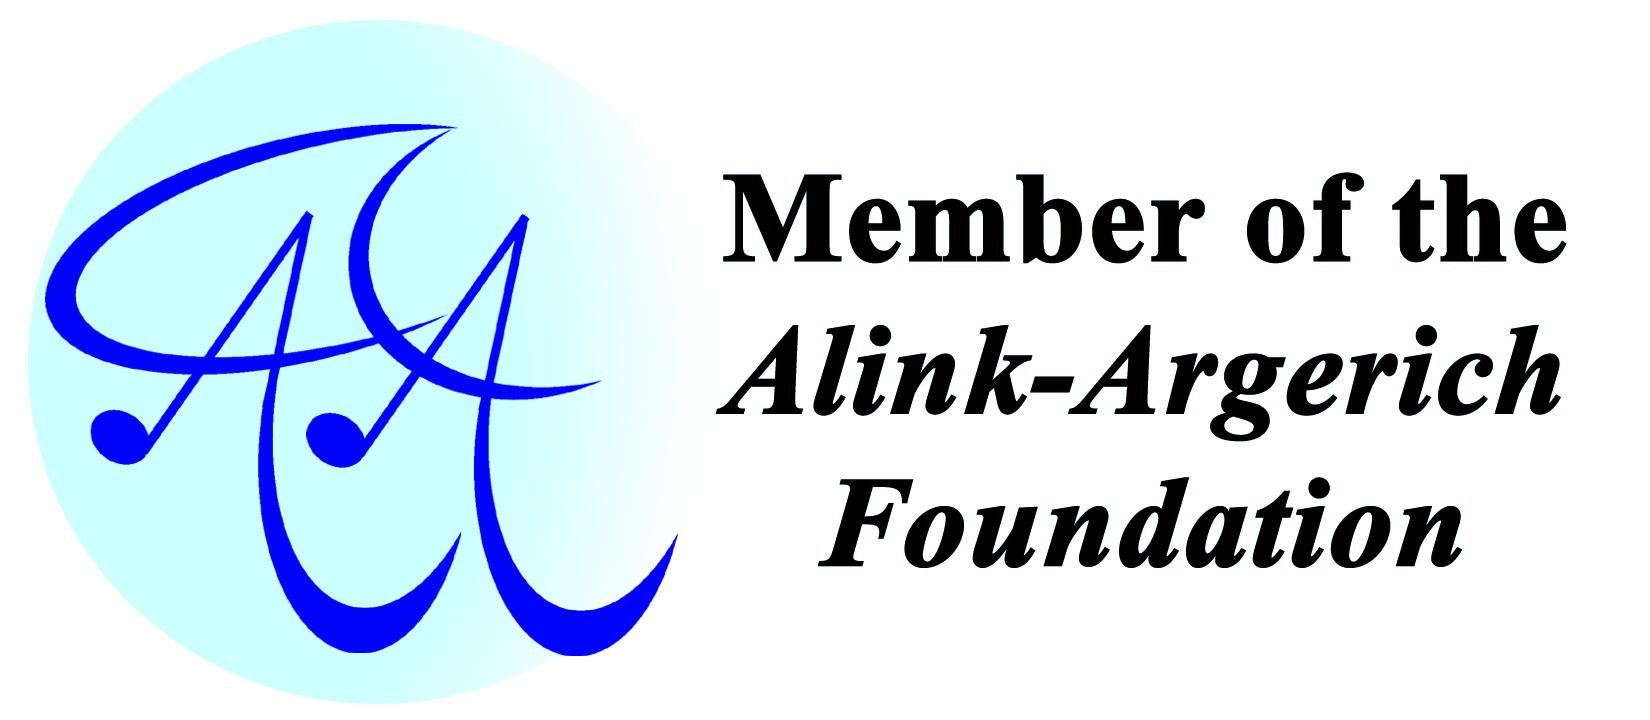 AAF-logo-2016-member